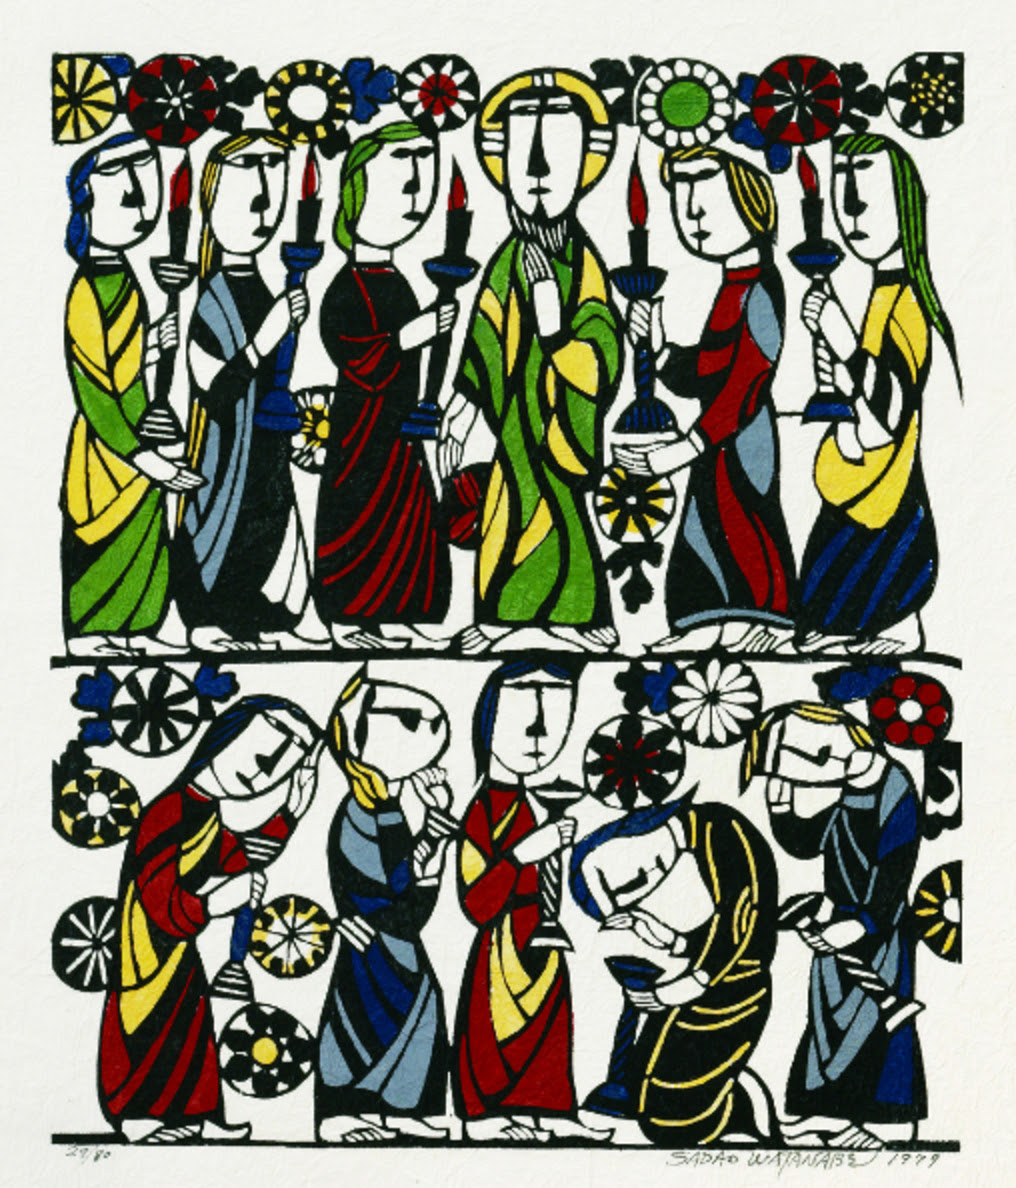 Sadao Watanabe (1913-1996). Ten Virgins, 1979.